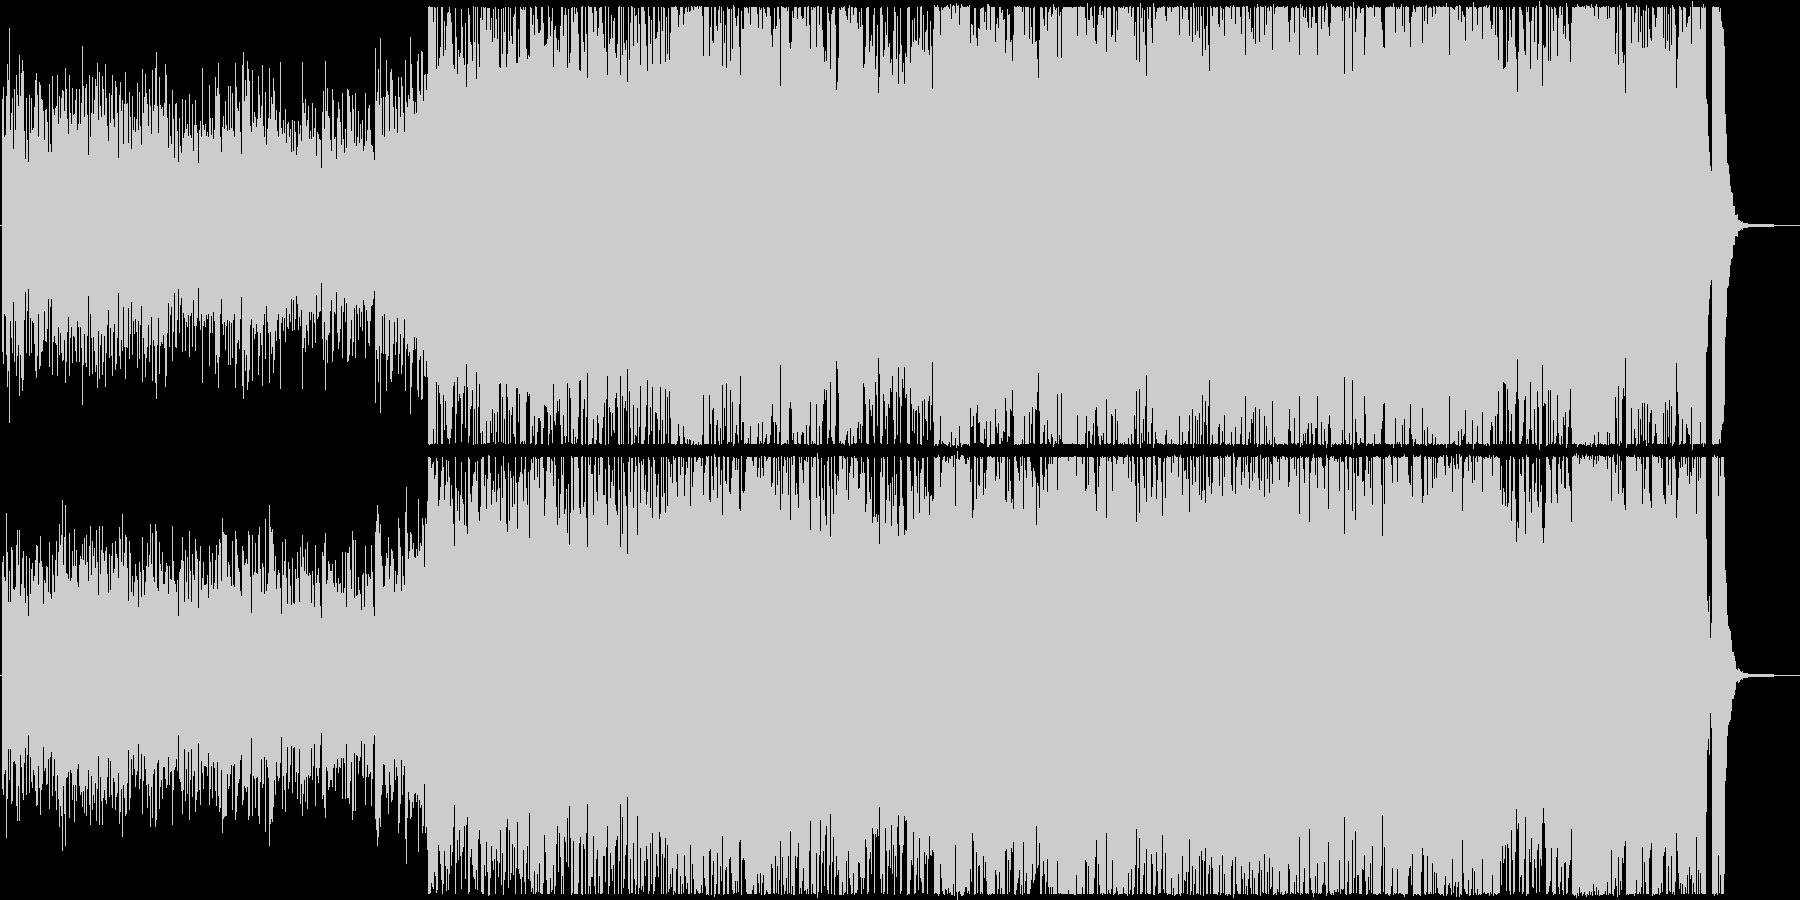 シンセサイザーを使った神秘的な曲の未再生の波形